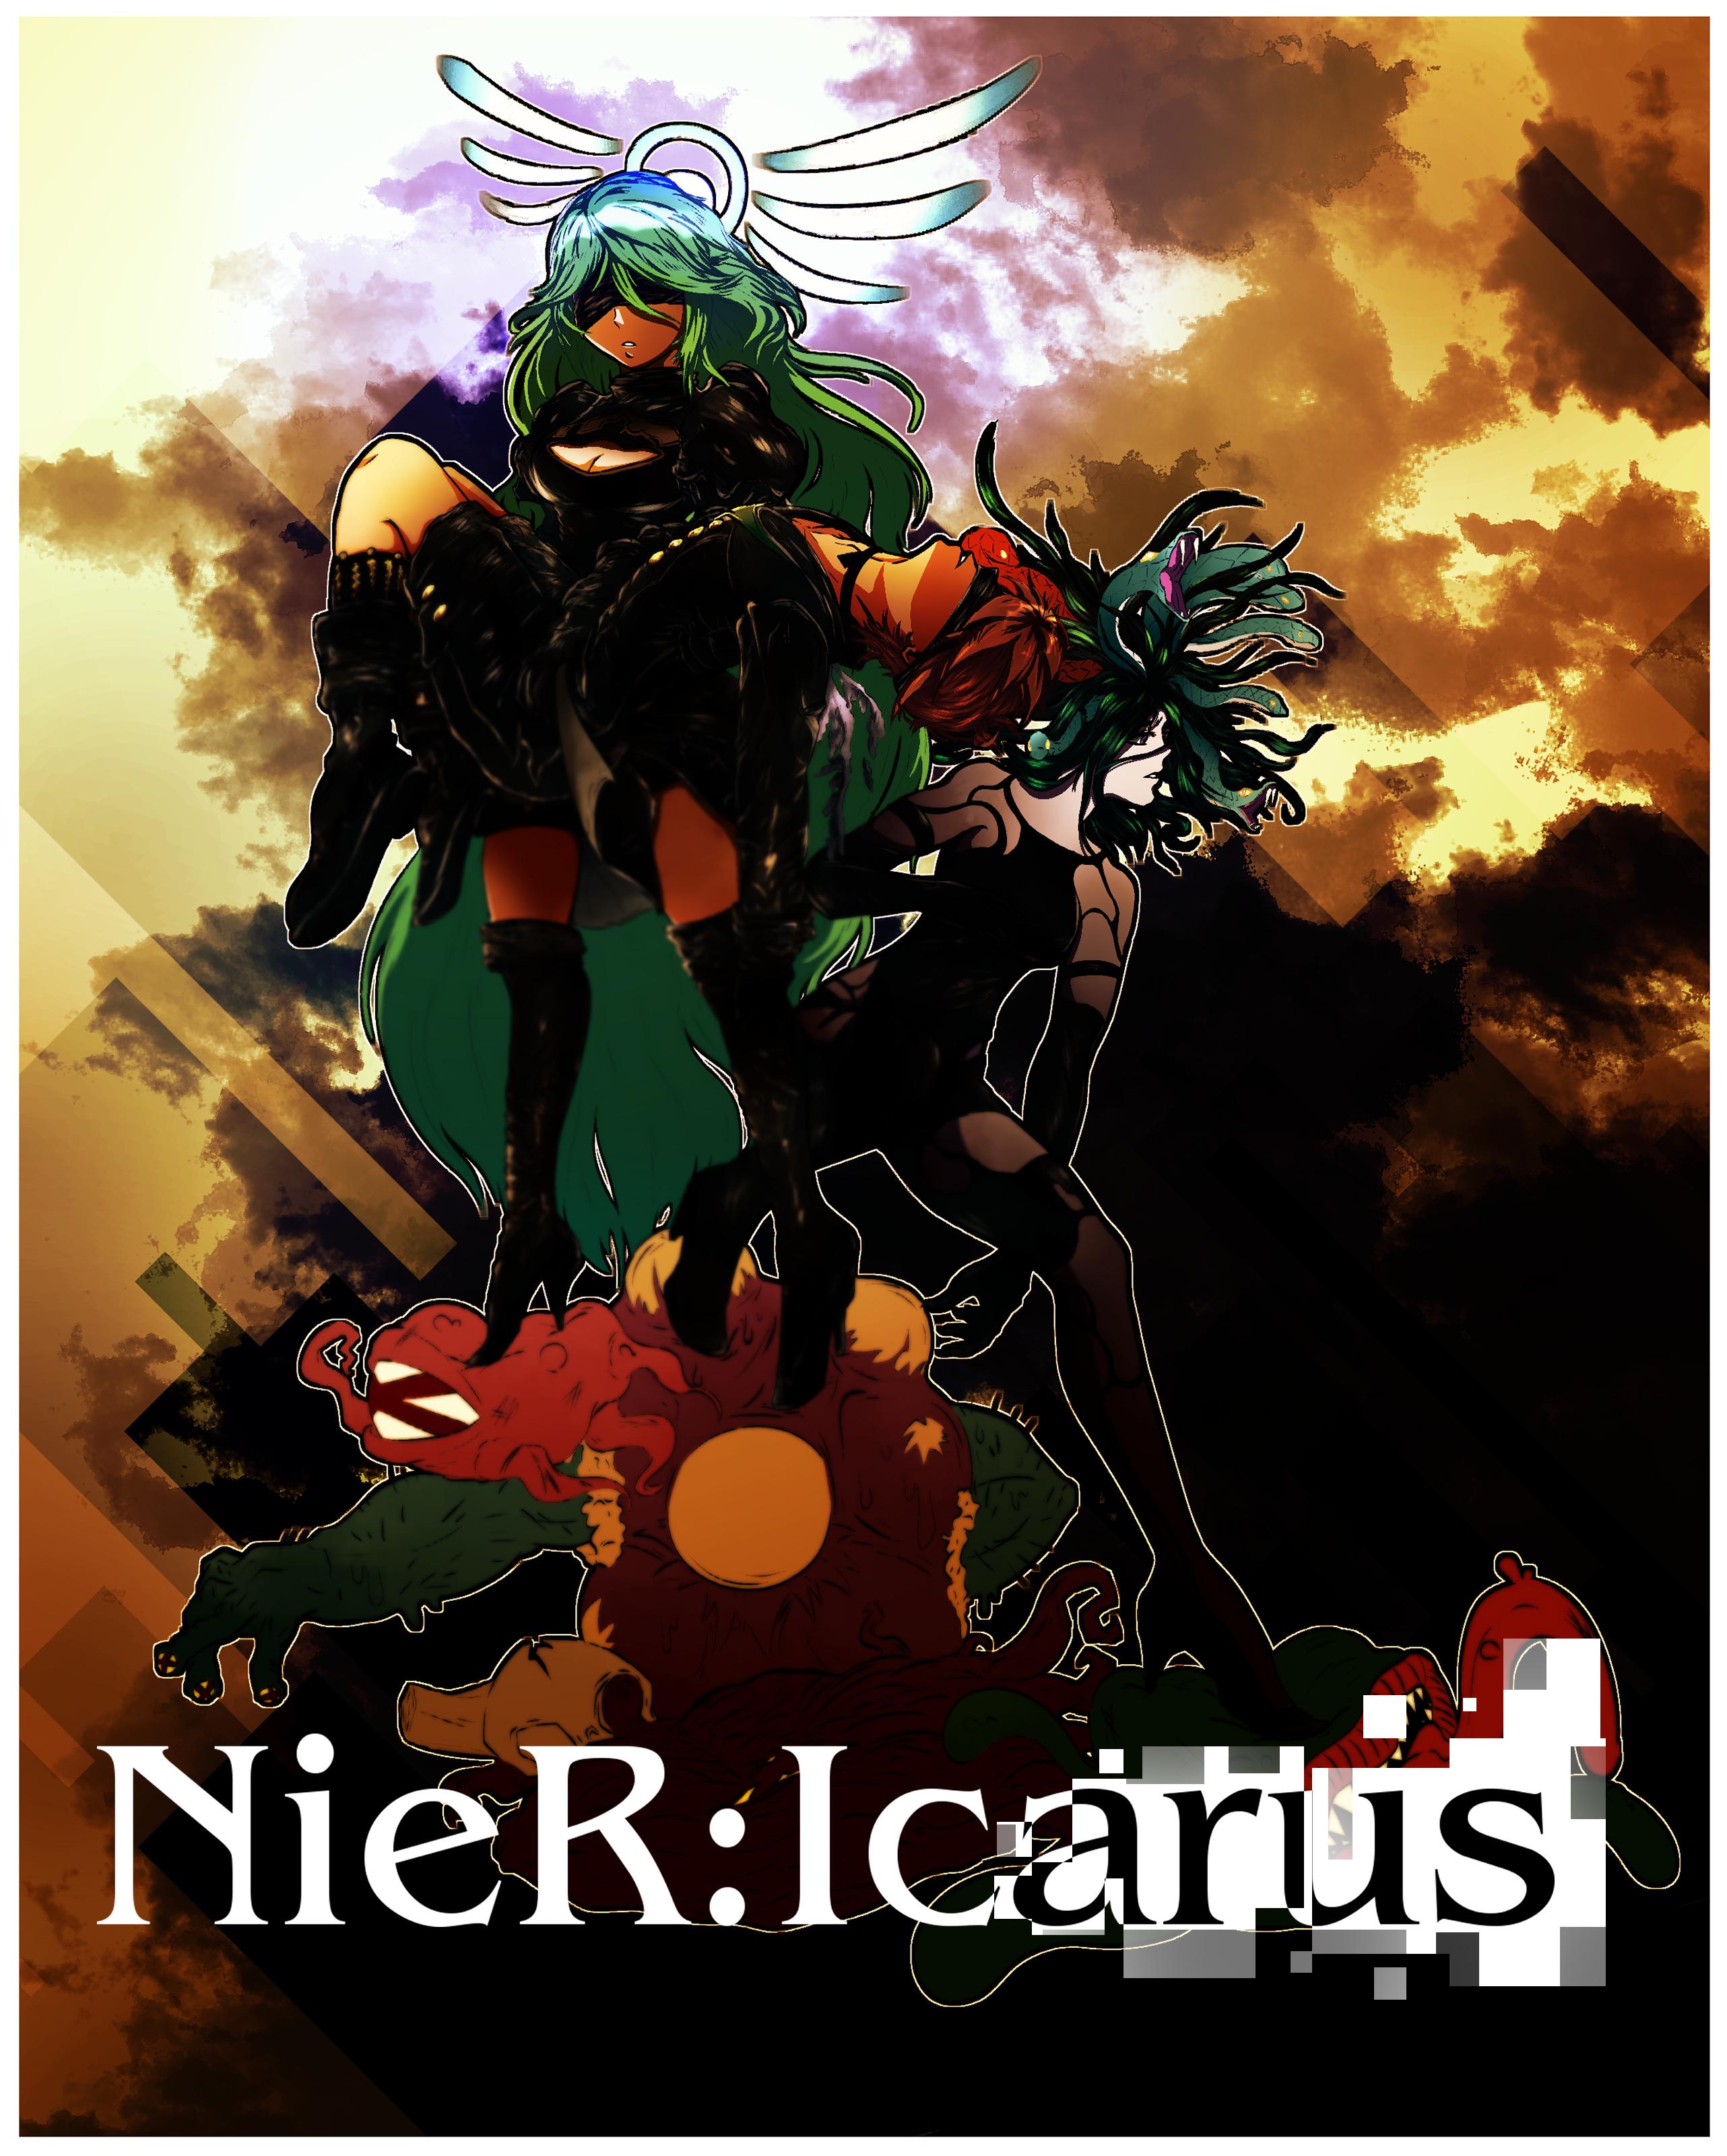 Nier:Icarus